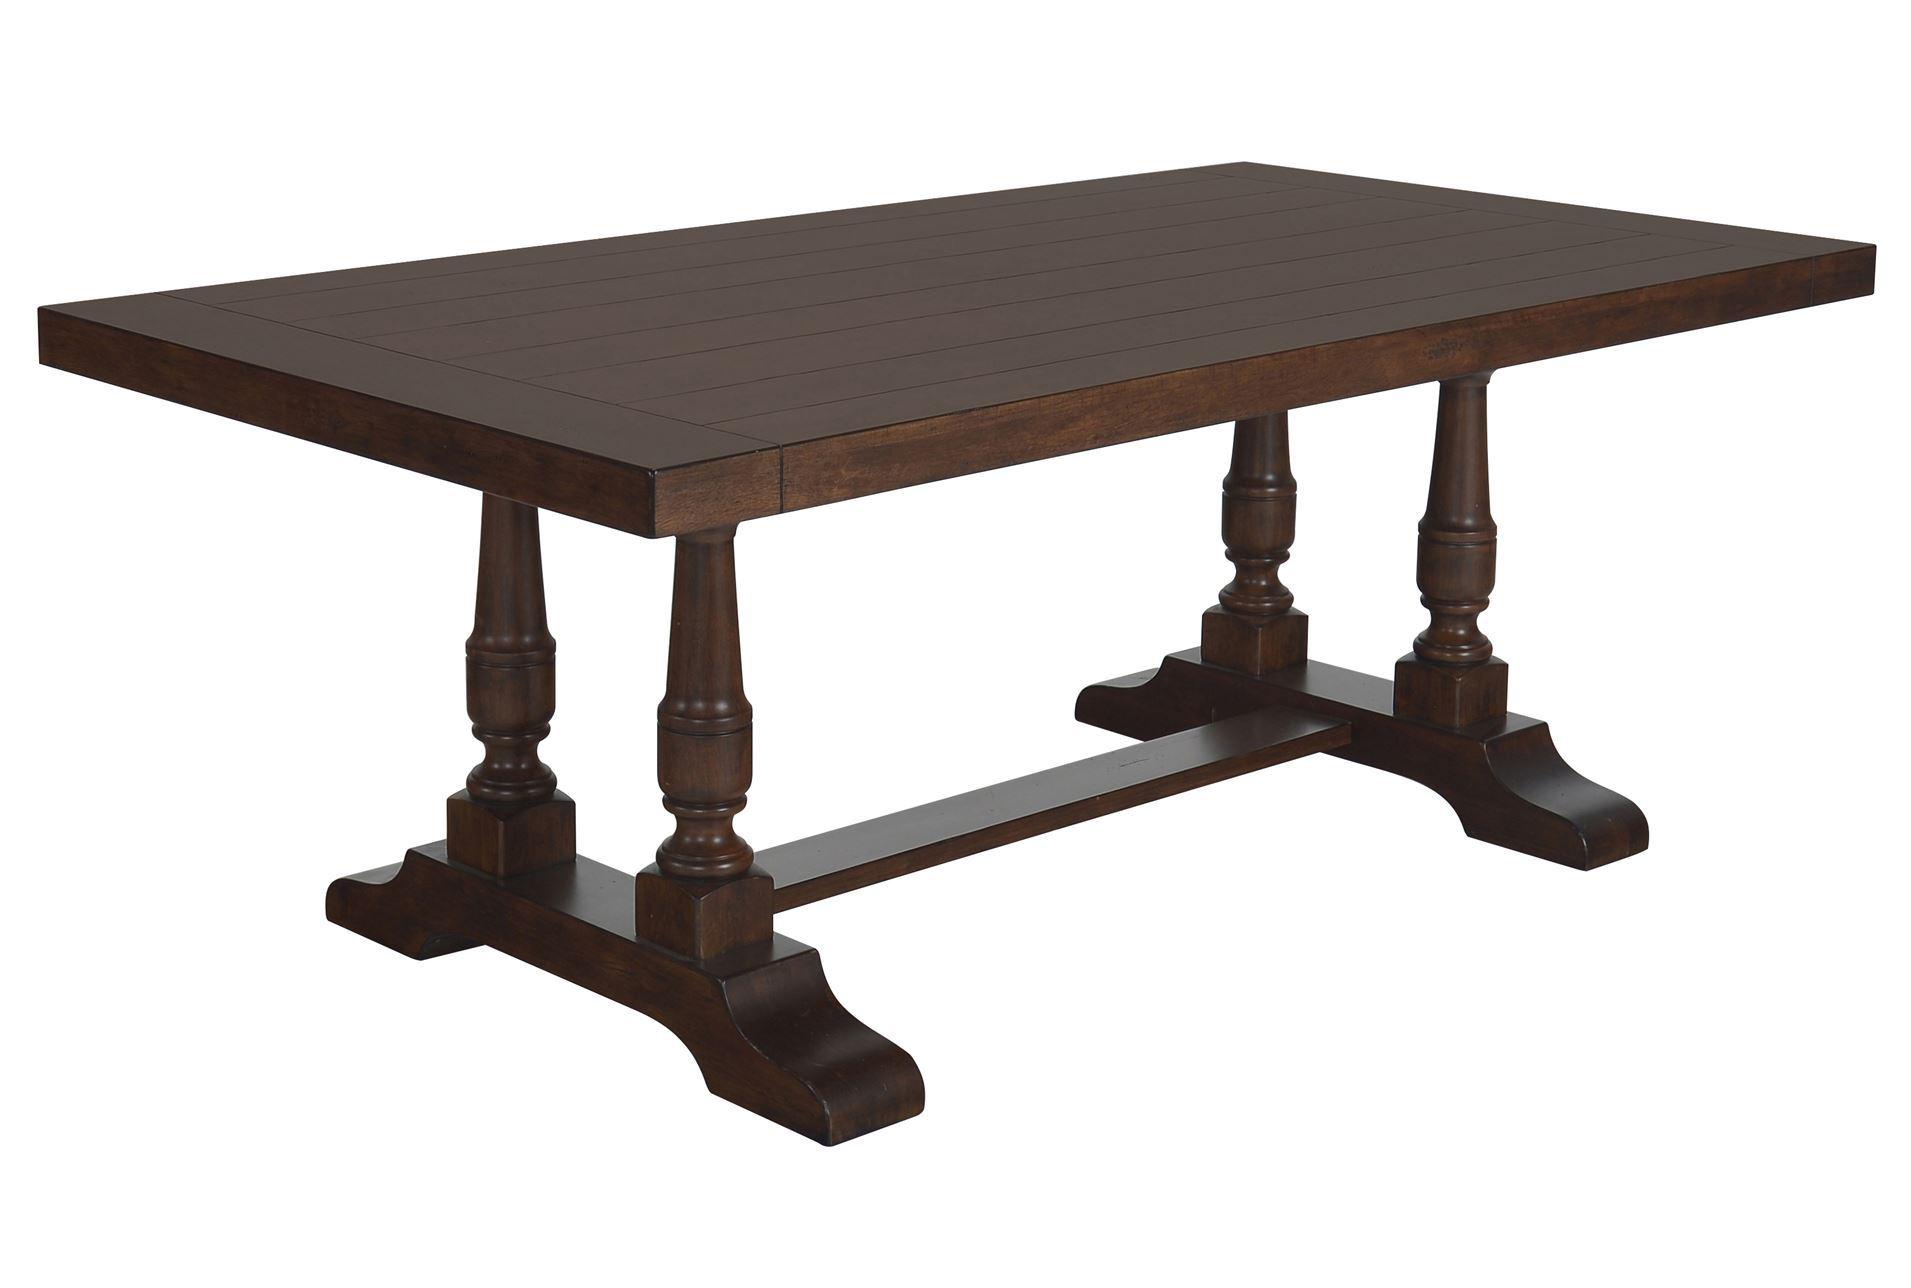 PreloadArlo Dining Table Signature